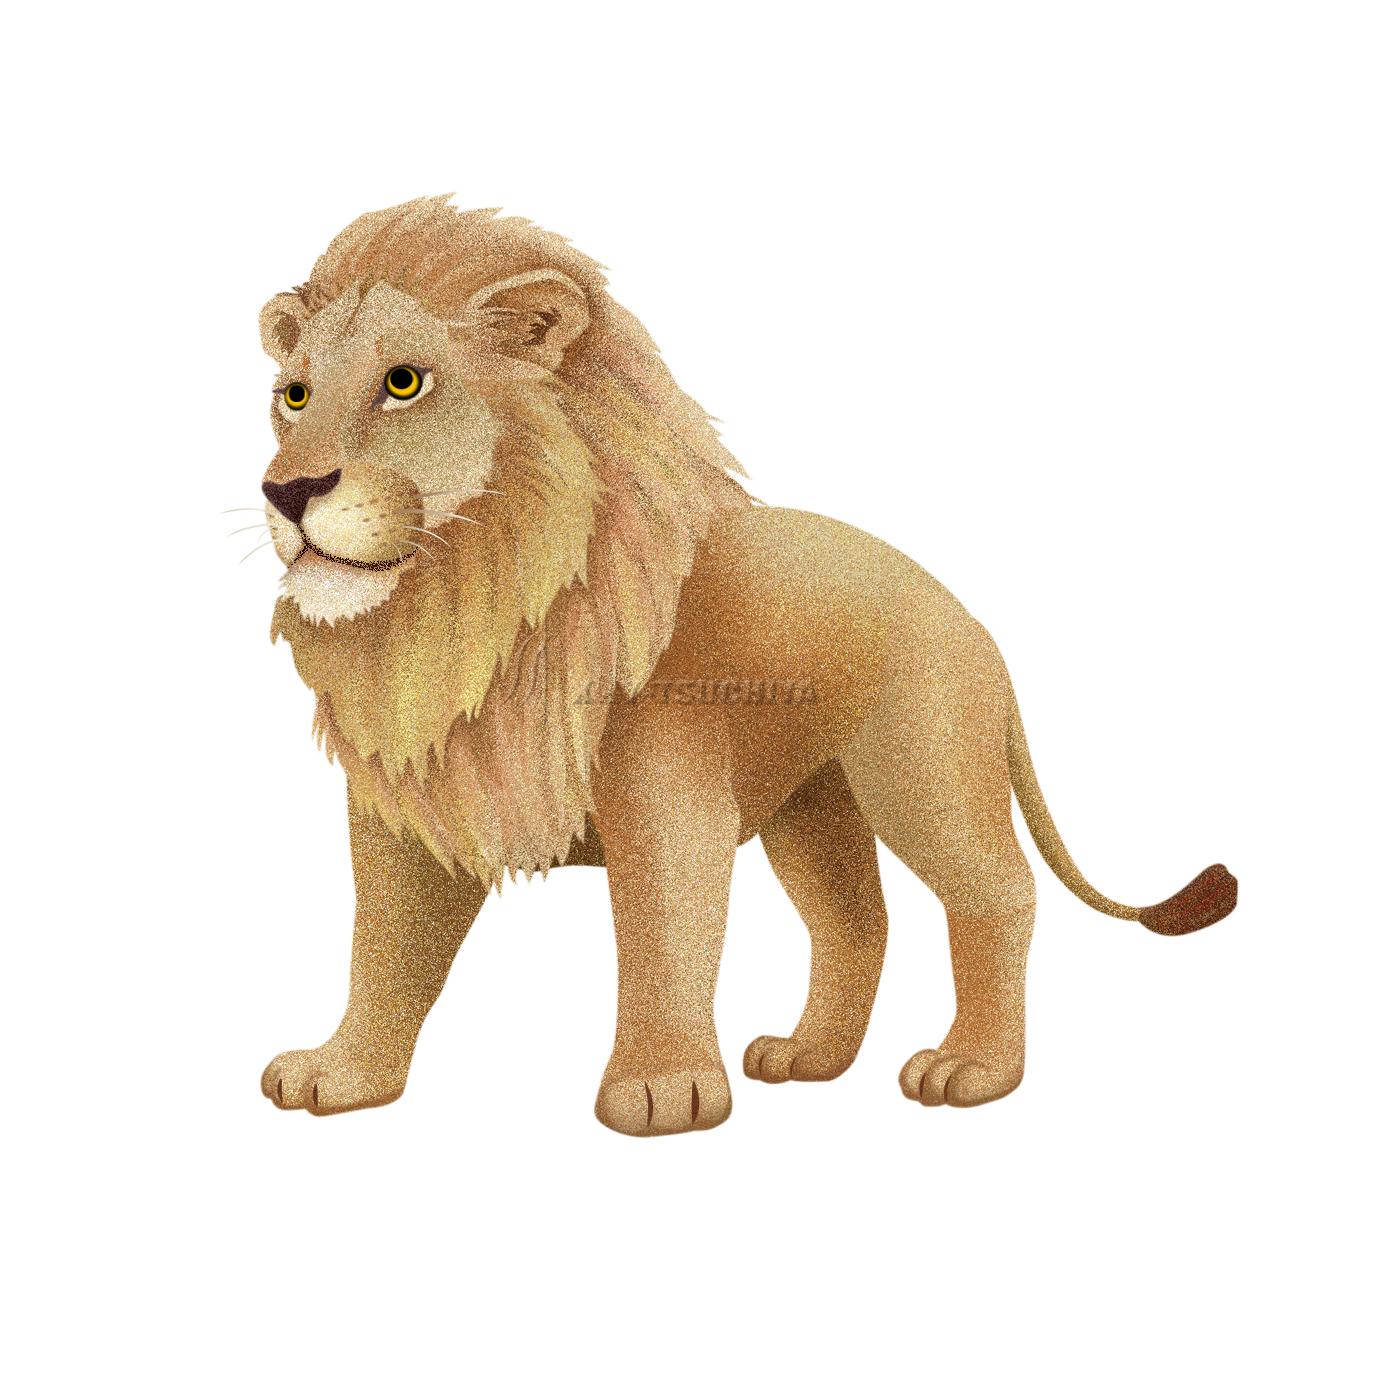 ある動物園の少しキャラ的なライオンのイラストですイラスト制作工房